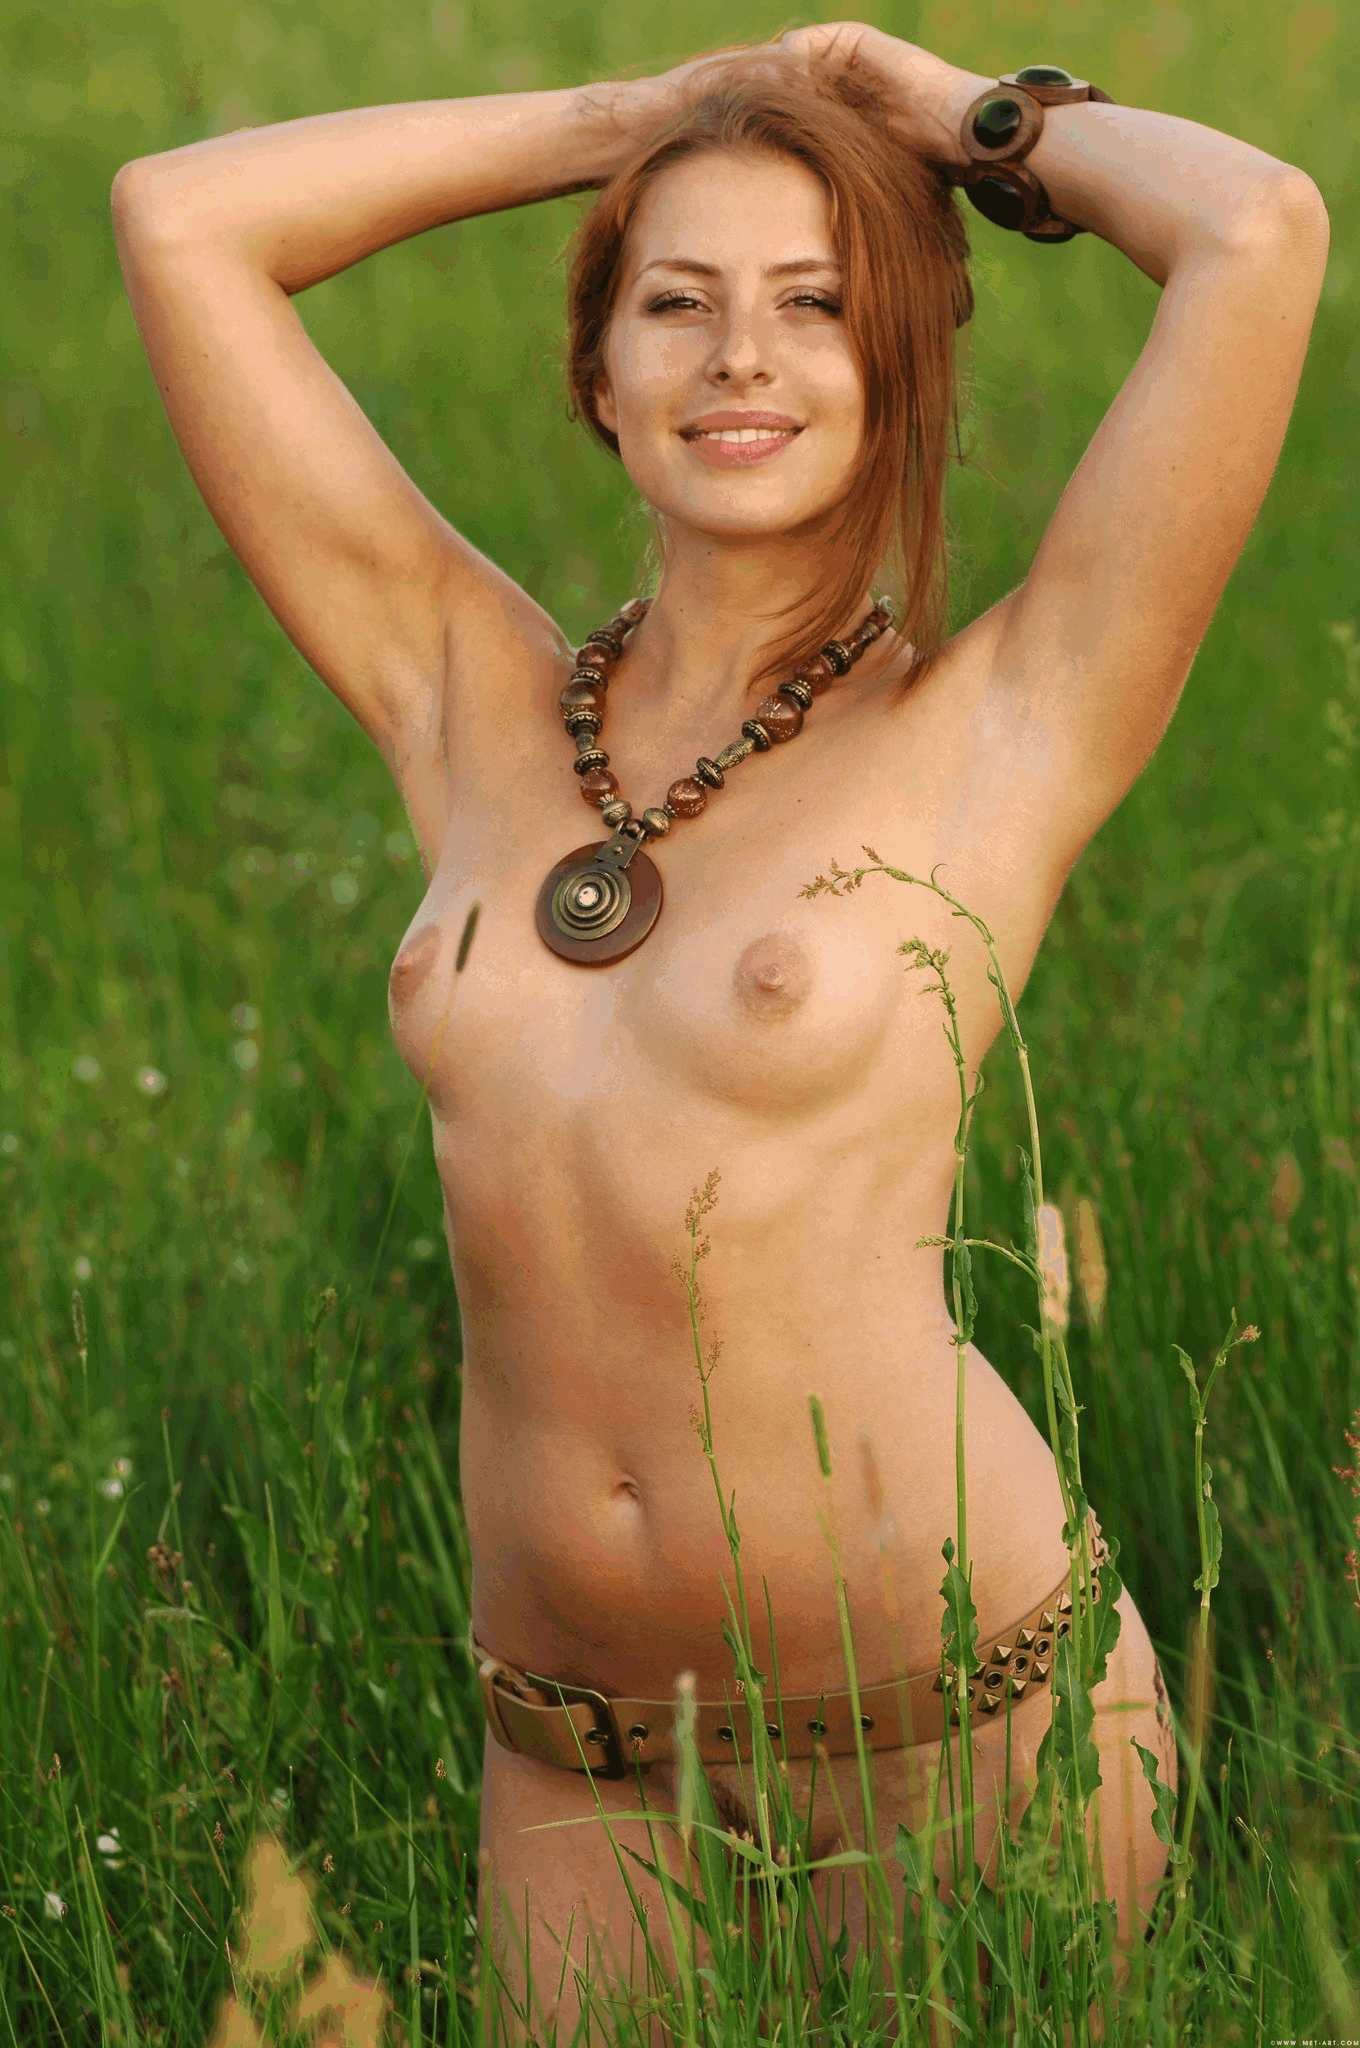 Соломия витвитьцка порно 10 фотография